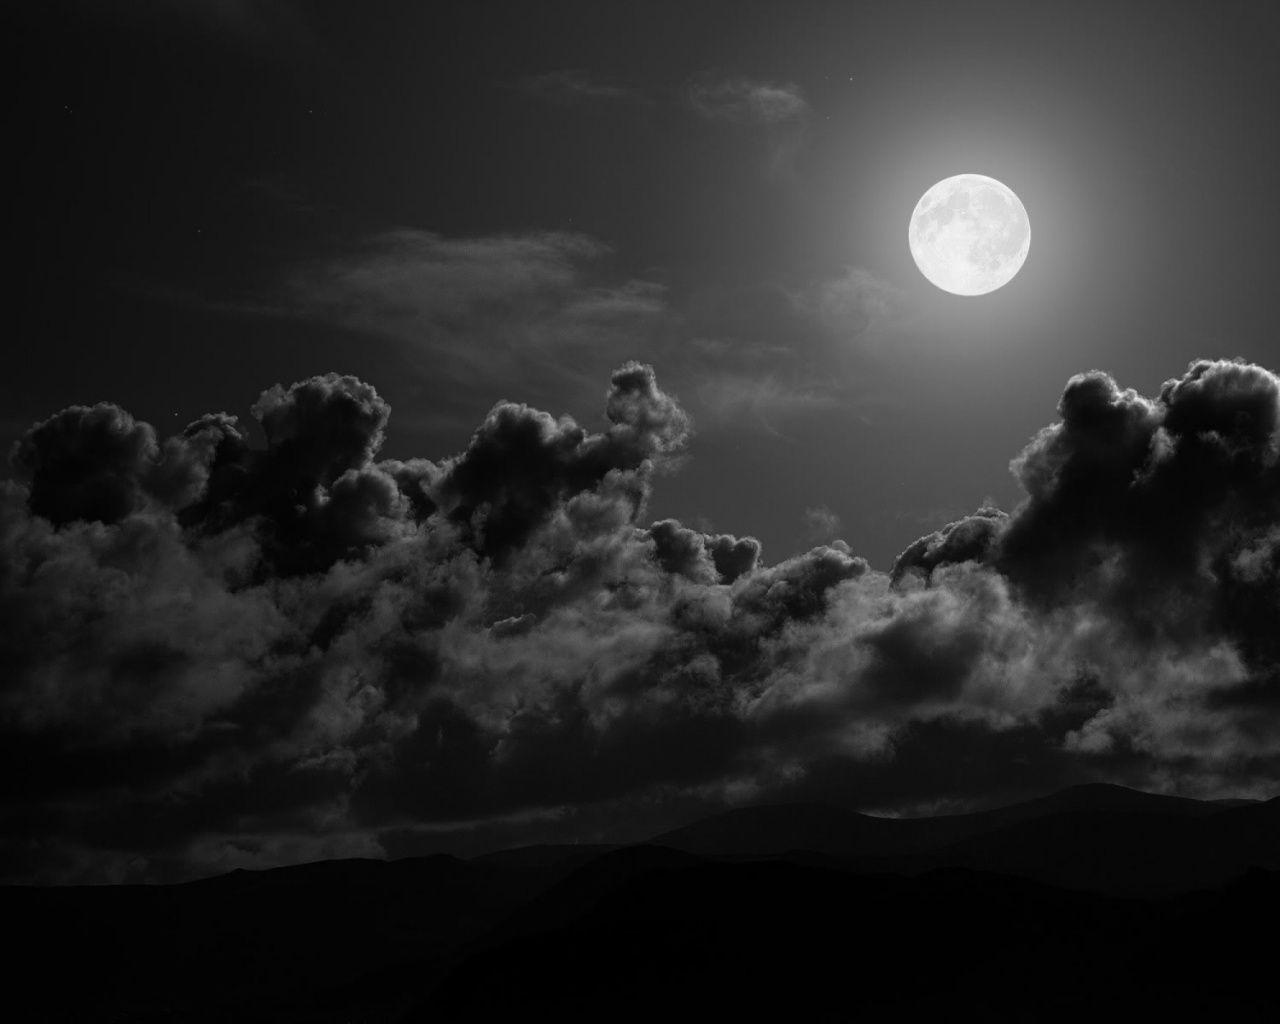 Dark Night Moon Wallpaper Hd Wallpapers Full Moon Full Moon Night Moon Pictures